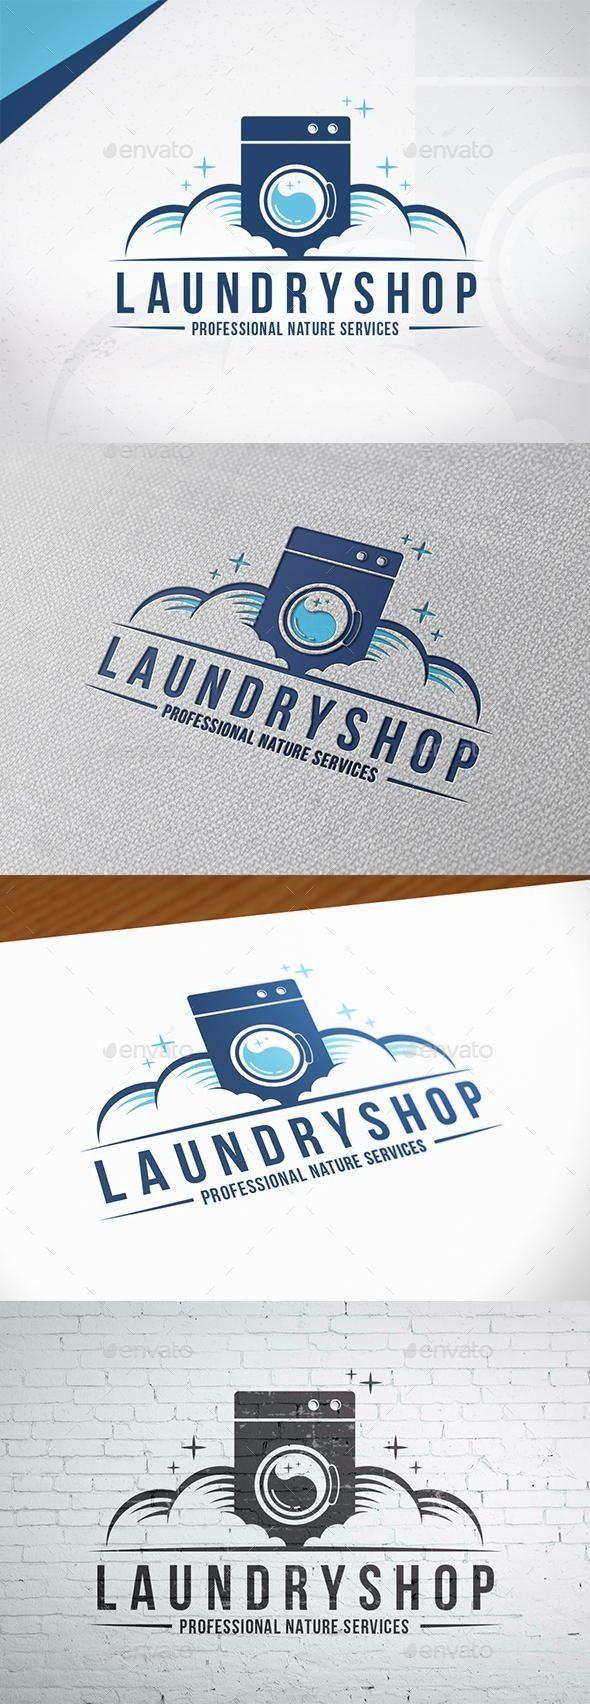 Clean Laundry Logo Design Negocio de lavandería